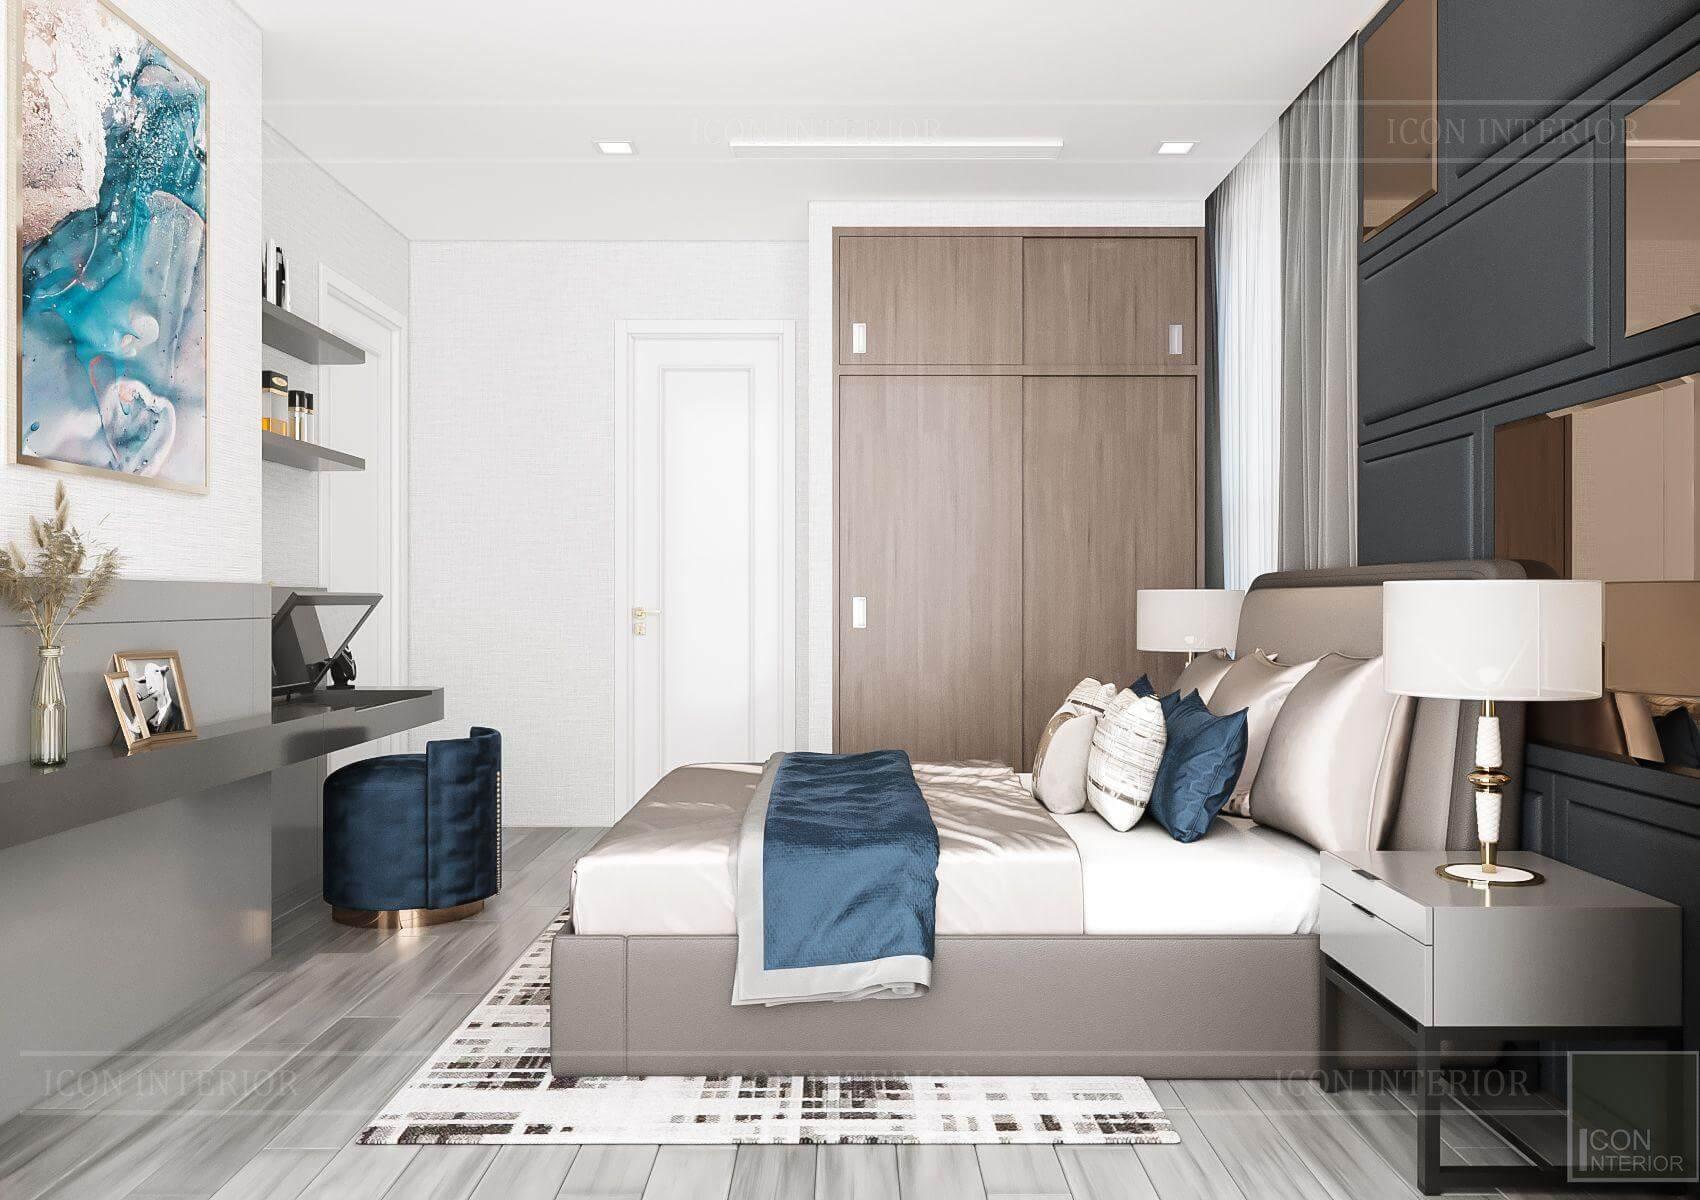 Thiết kế nội thất căn hộ chung cư Vinhomes Ba Son - phòng ngủ đẹp